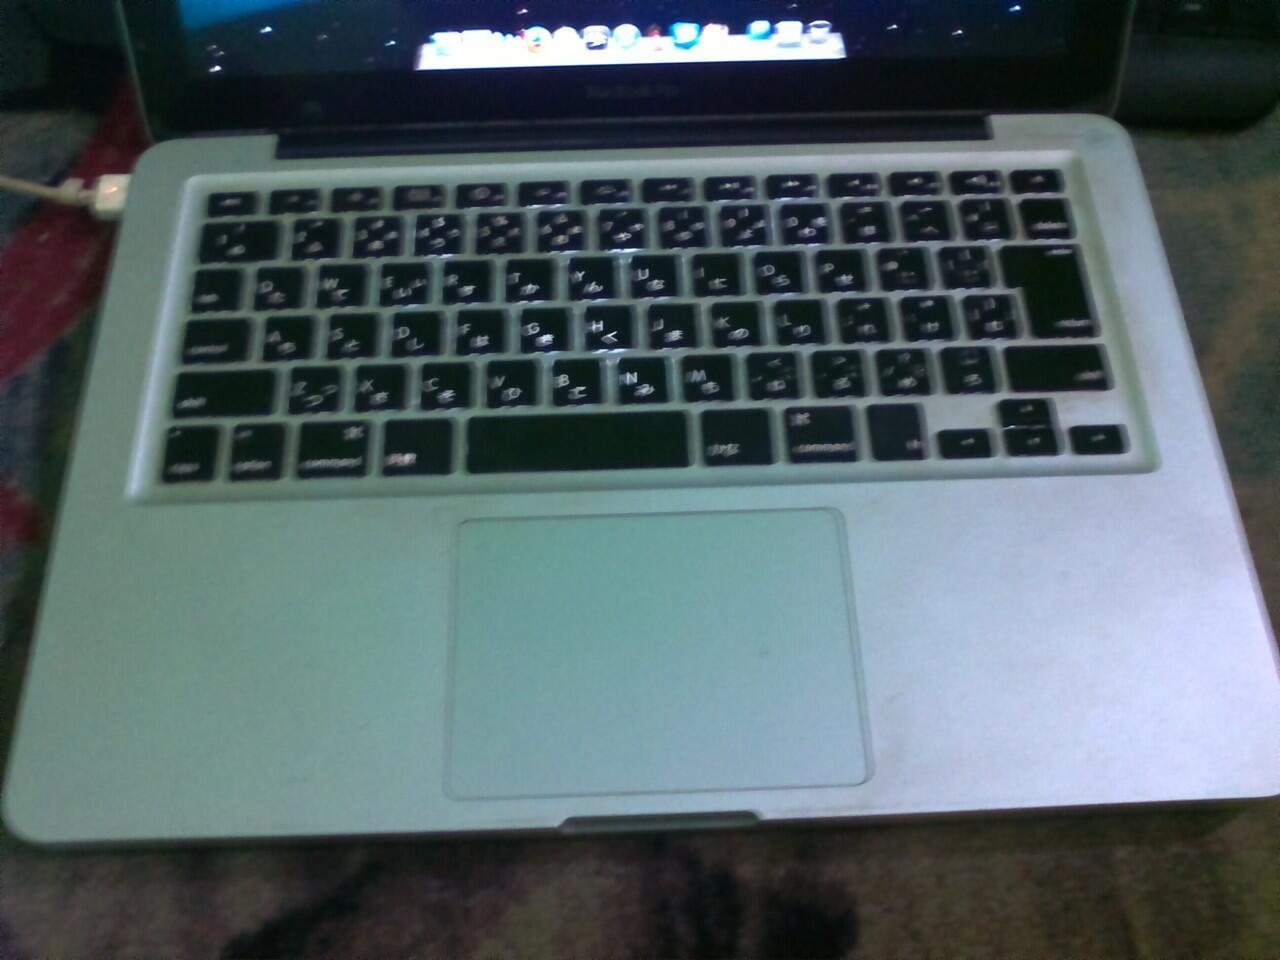 Macbook Pro 13 Core 2 Duo beli di Jepang